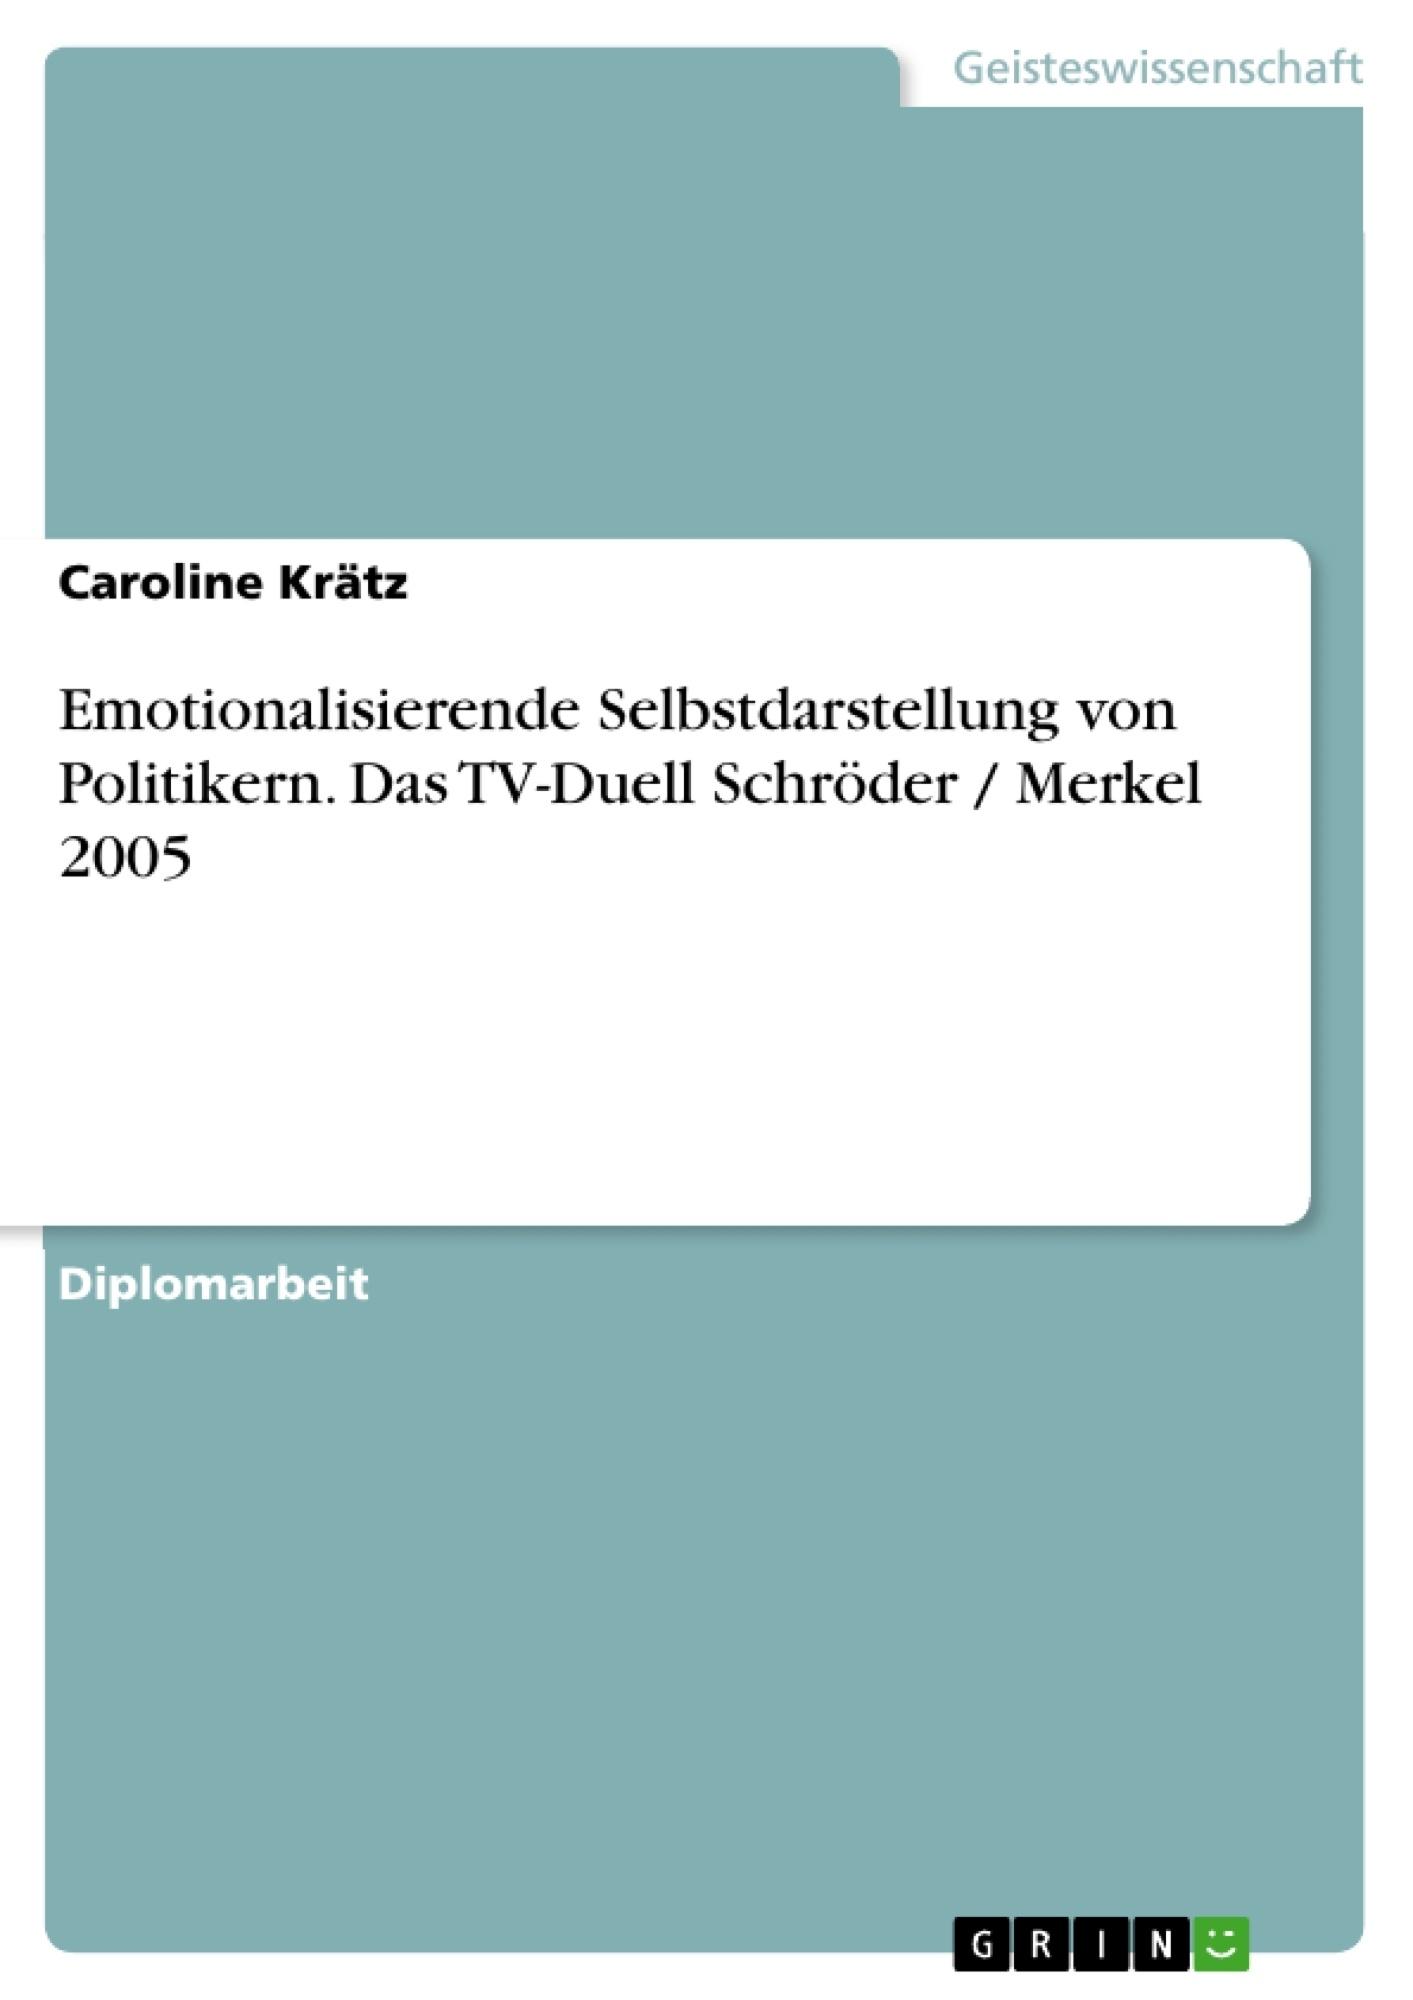 Titel: Emotionalisierende Selbstdarstellung von Politikern. Das TV-Duell Schröder / Merkel 2005